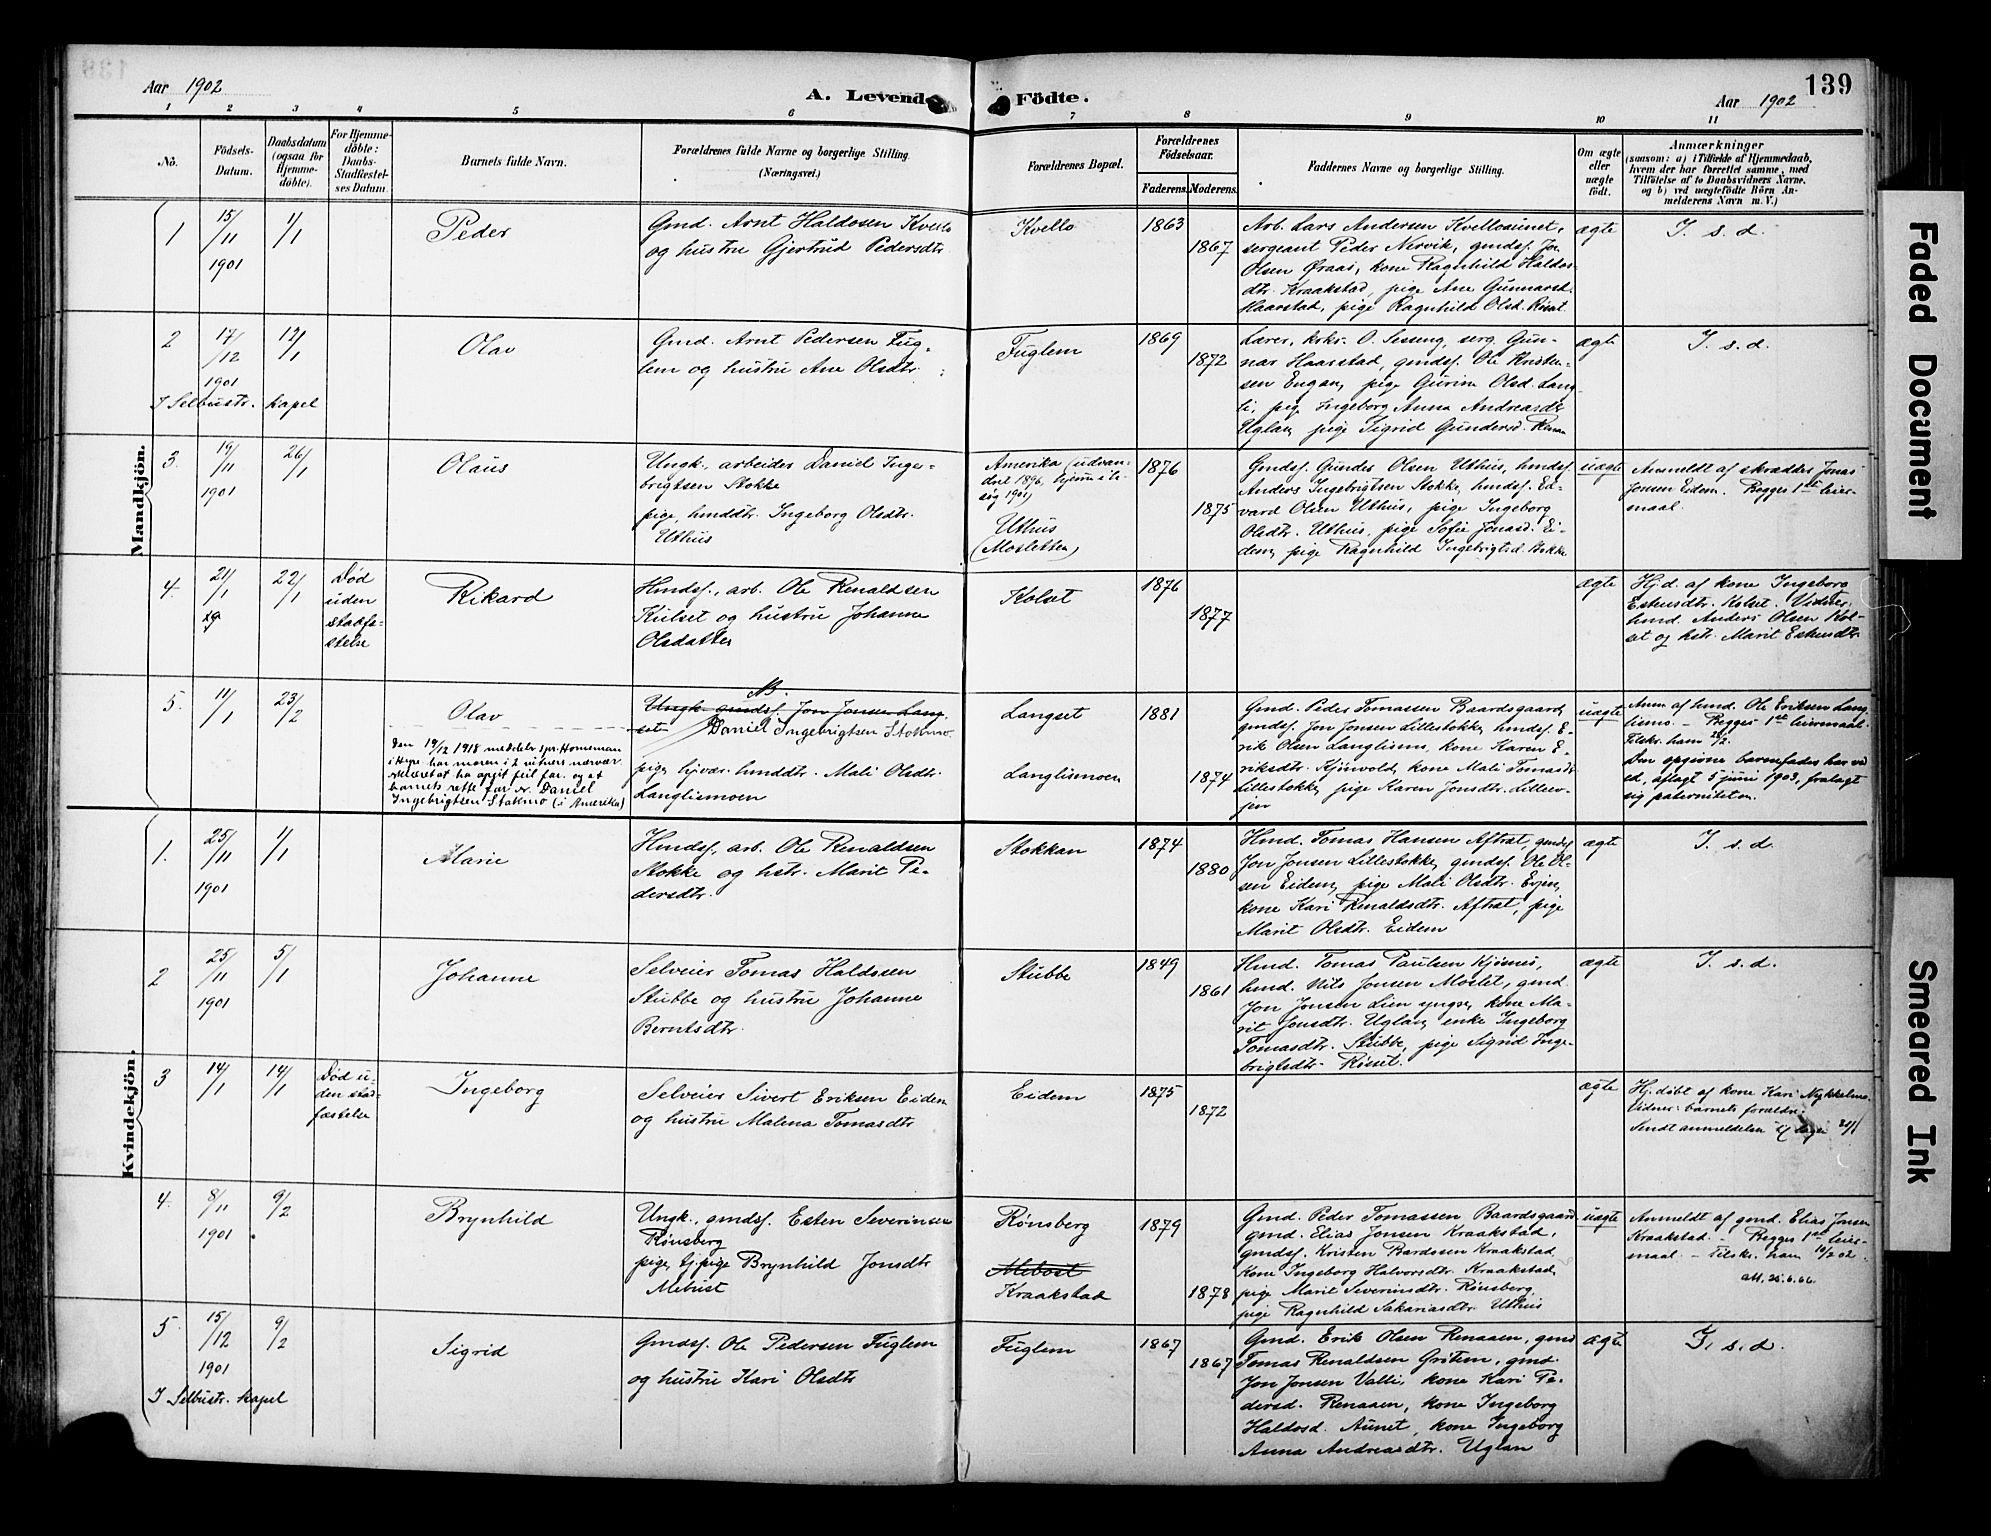 SAT, Ministerialprotokoller, klokkerbøker og fødselsregistre - Sør-Trøndelag, 695/L1149: Ministerialbok nr. 695A09, 1891-1902, s. 139